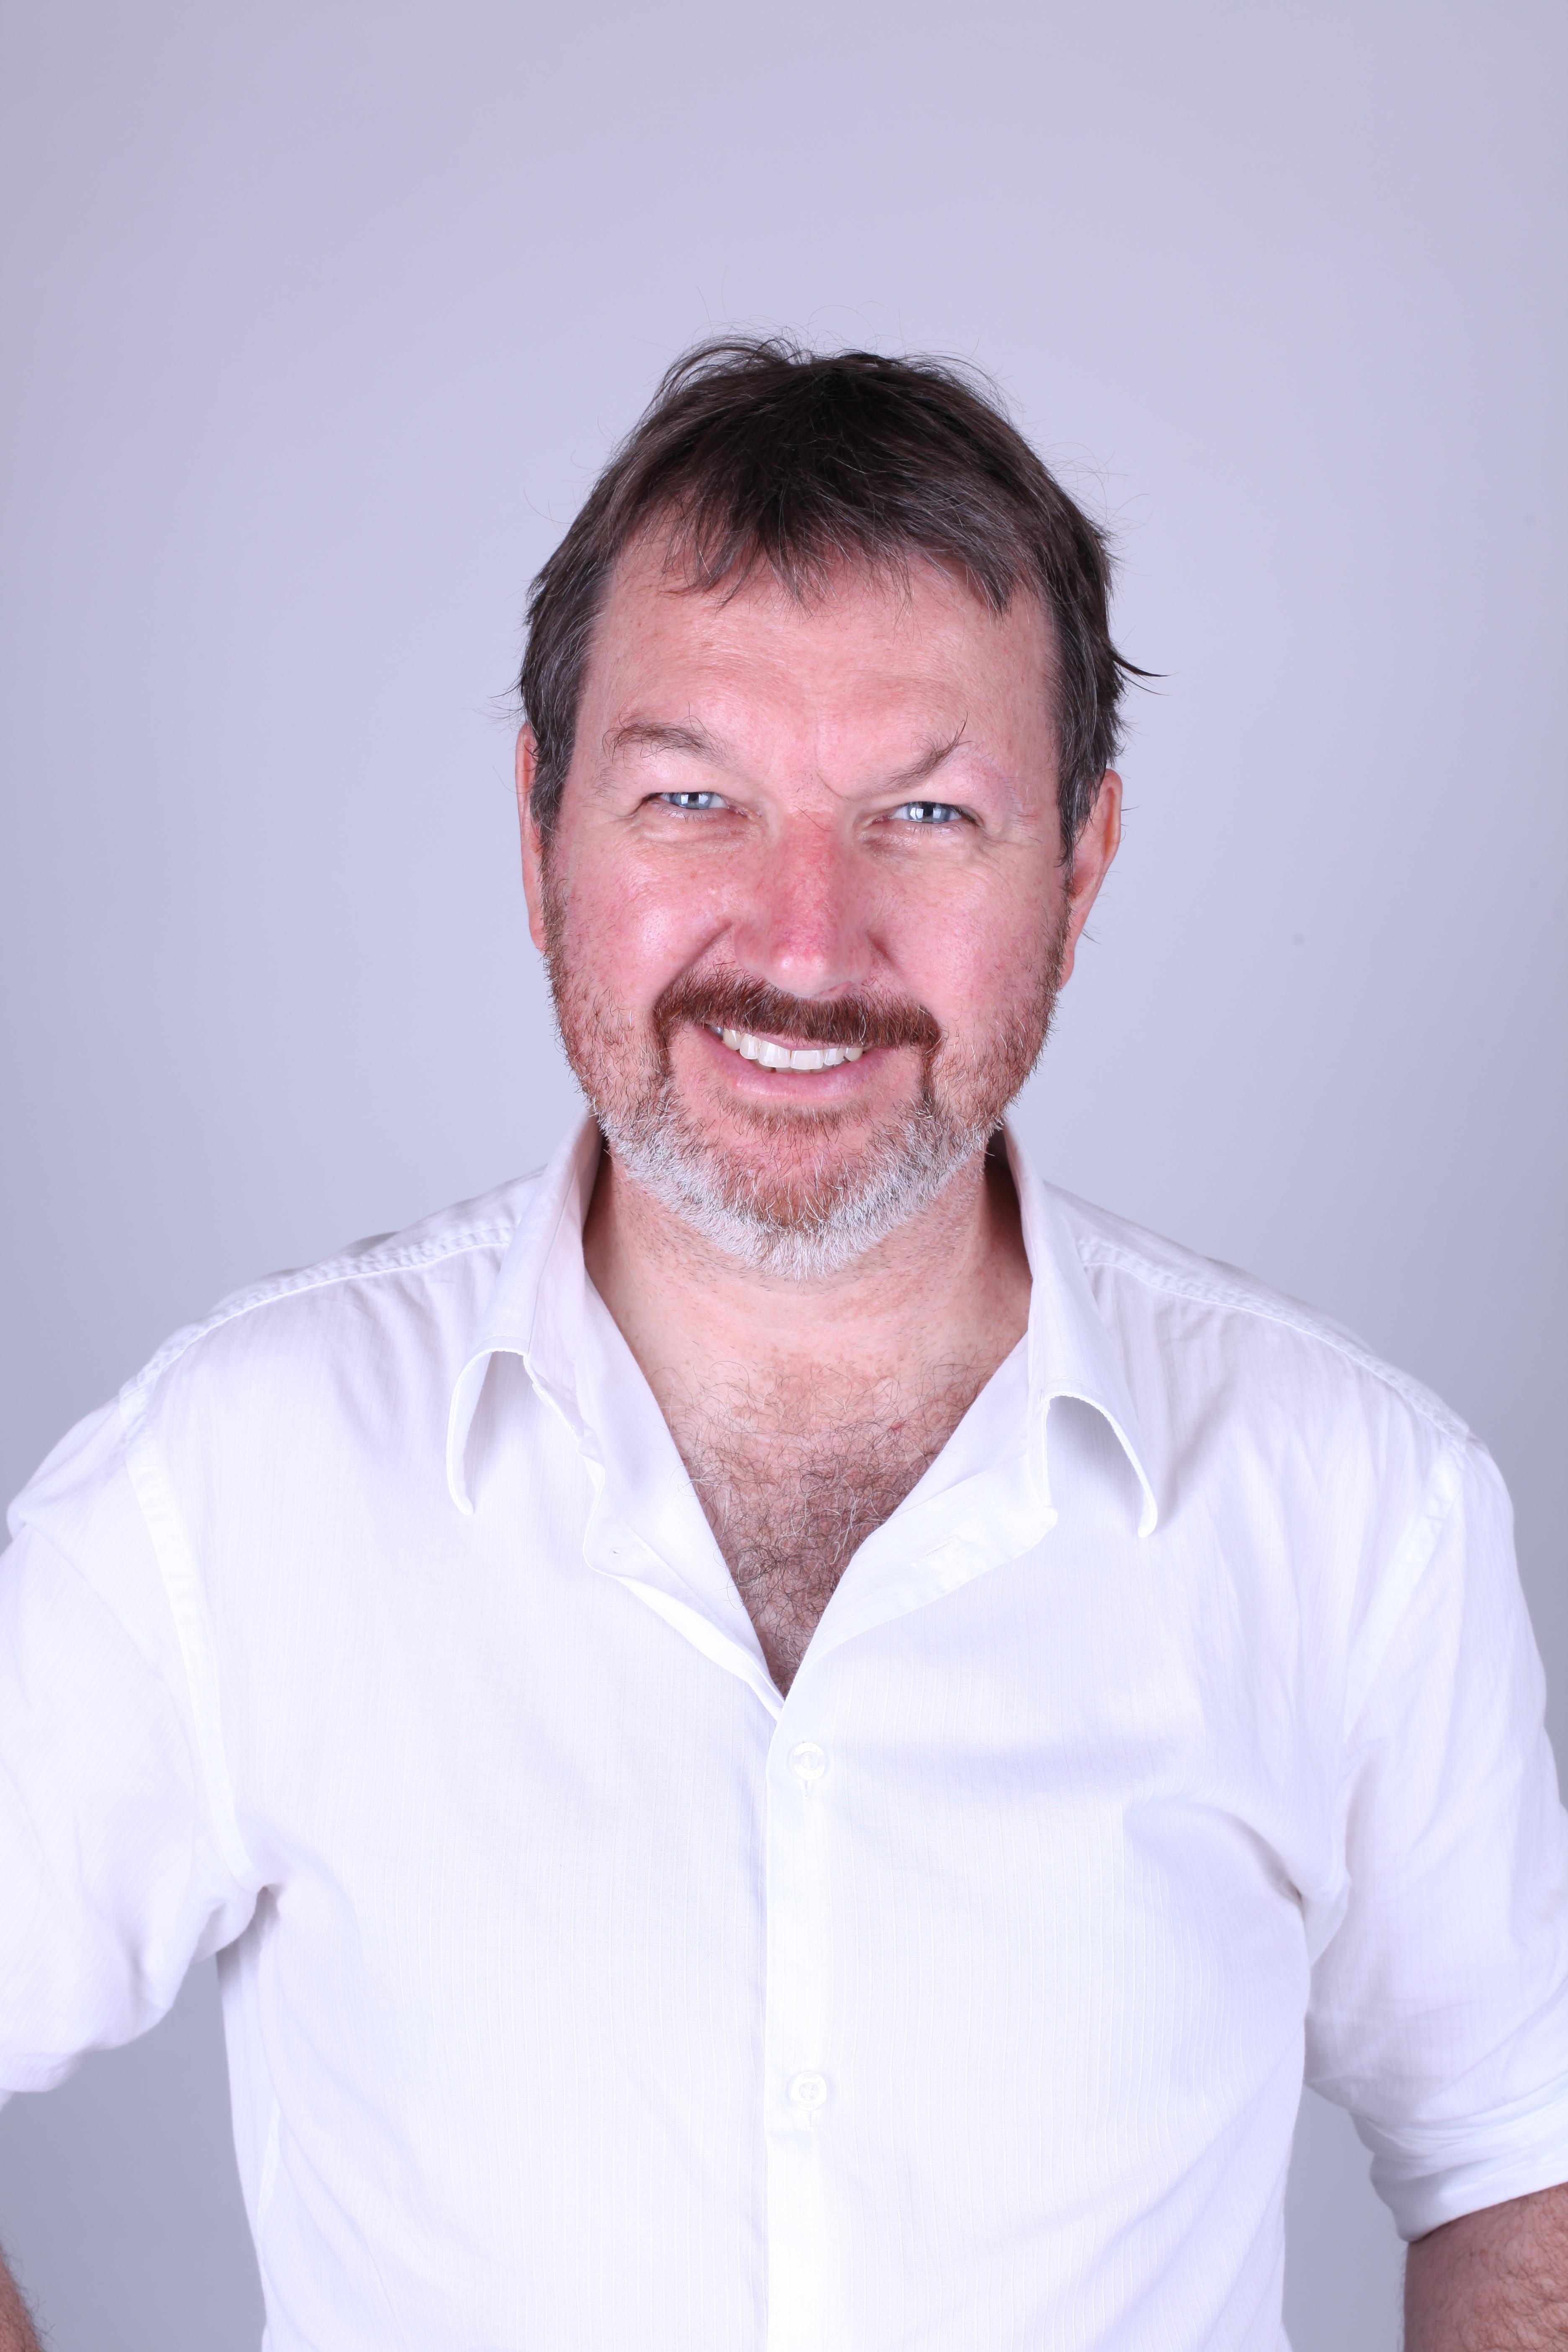 Mick Devine